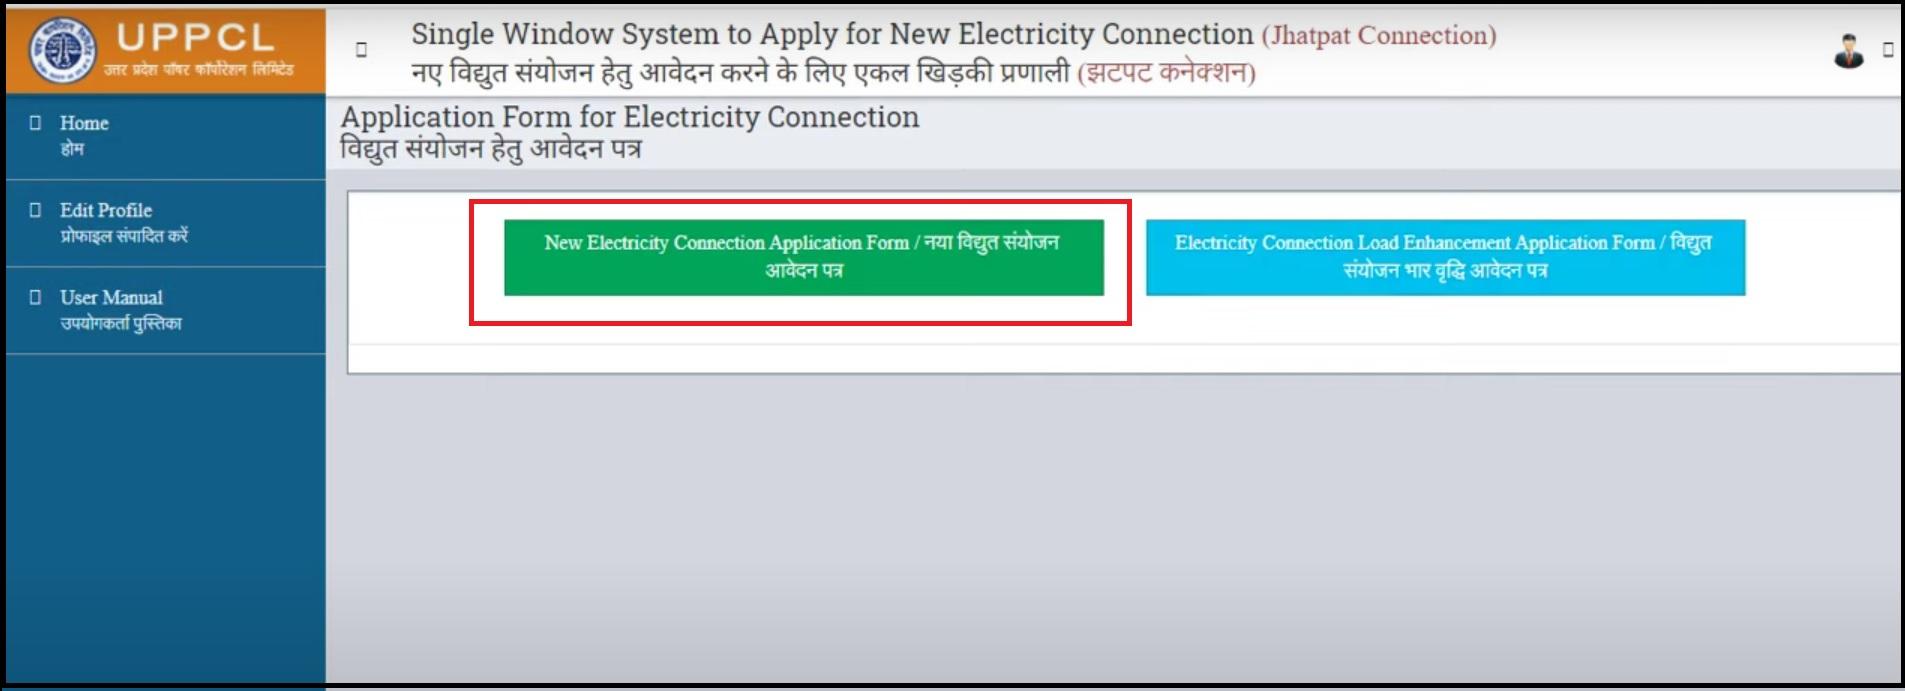 अप्लाई झटपट बिजली कनेक्शन योजना ऑनलाइन